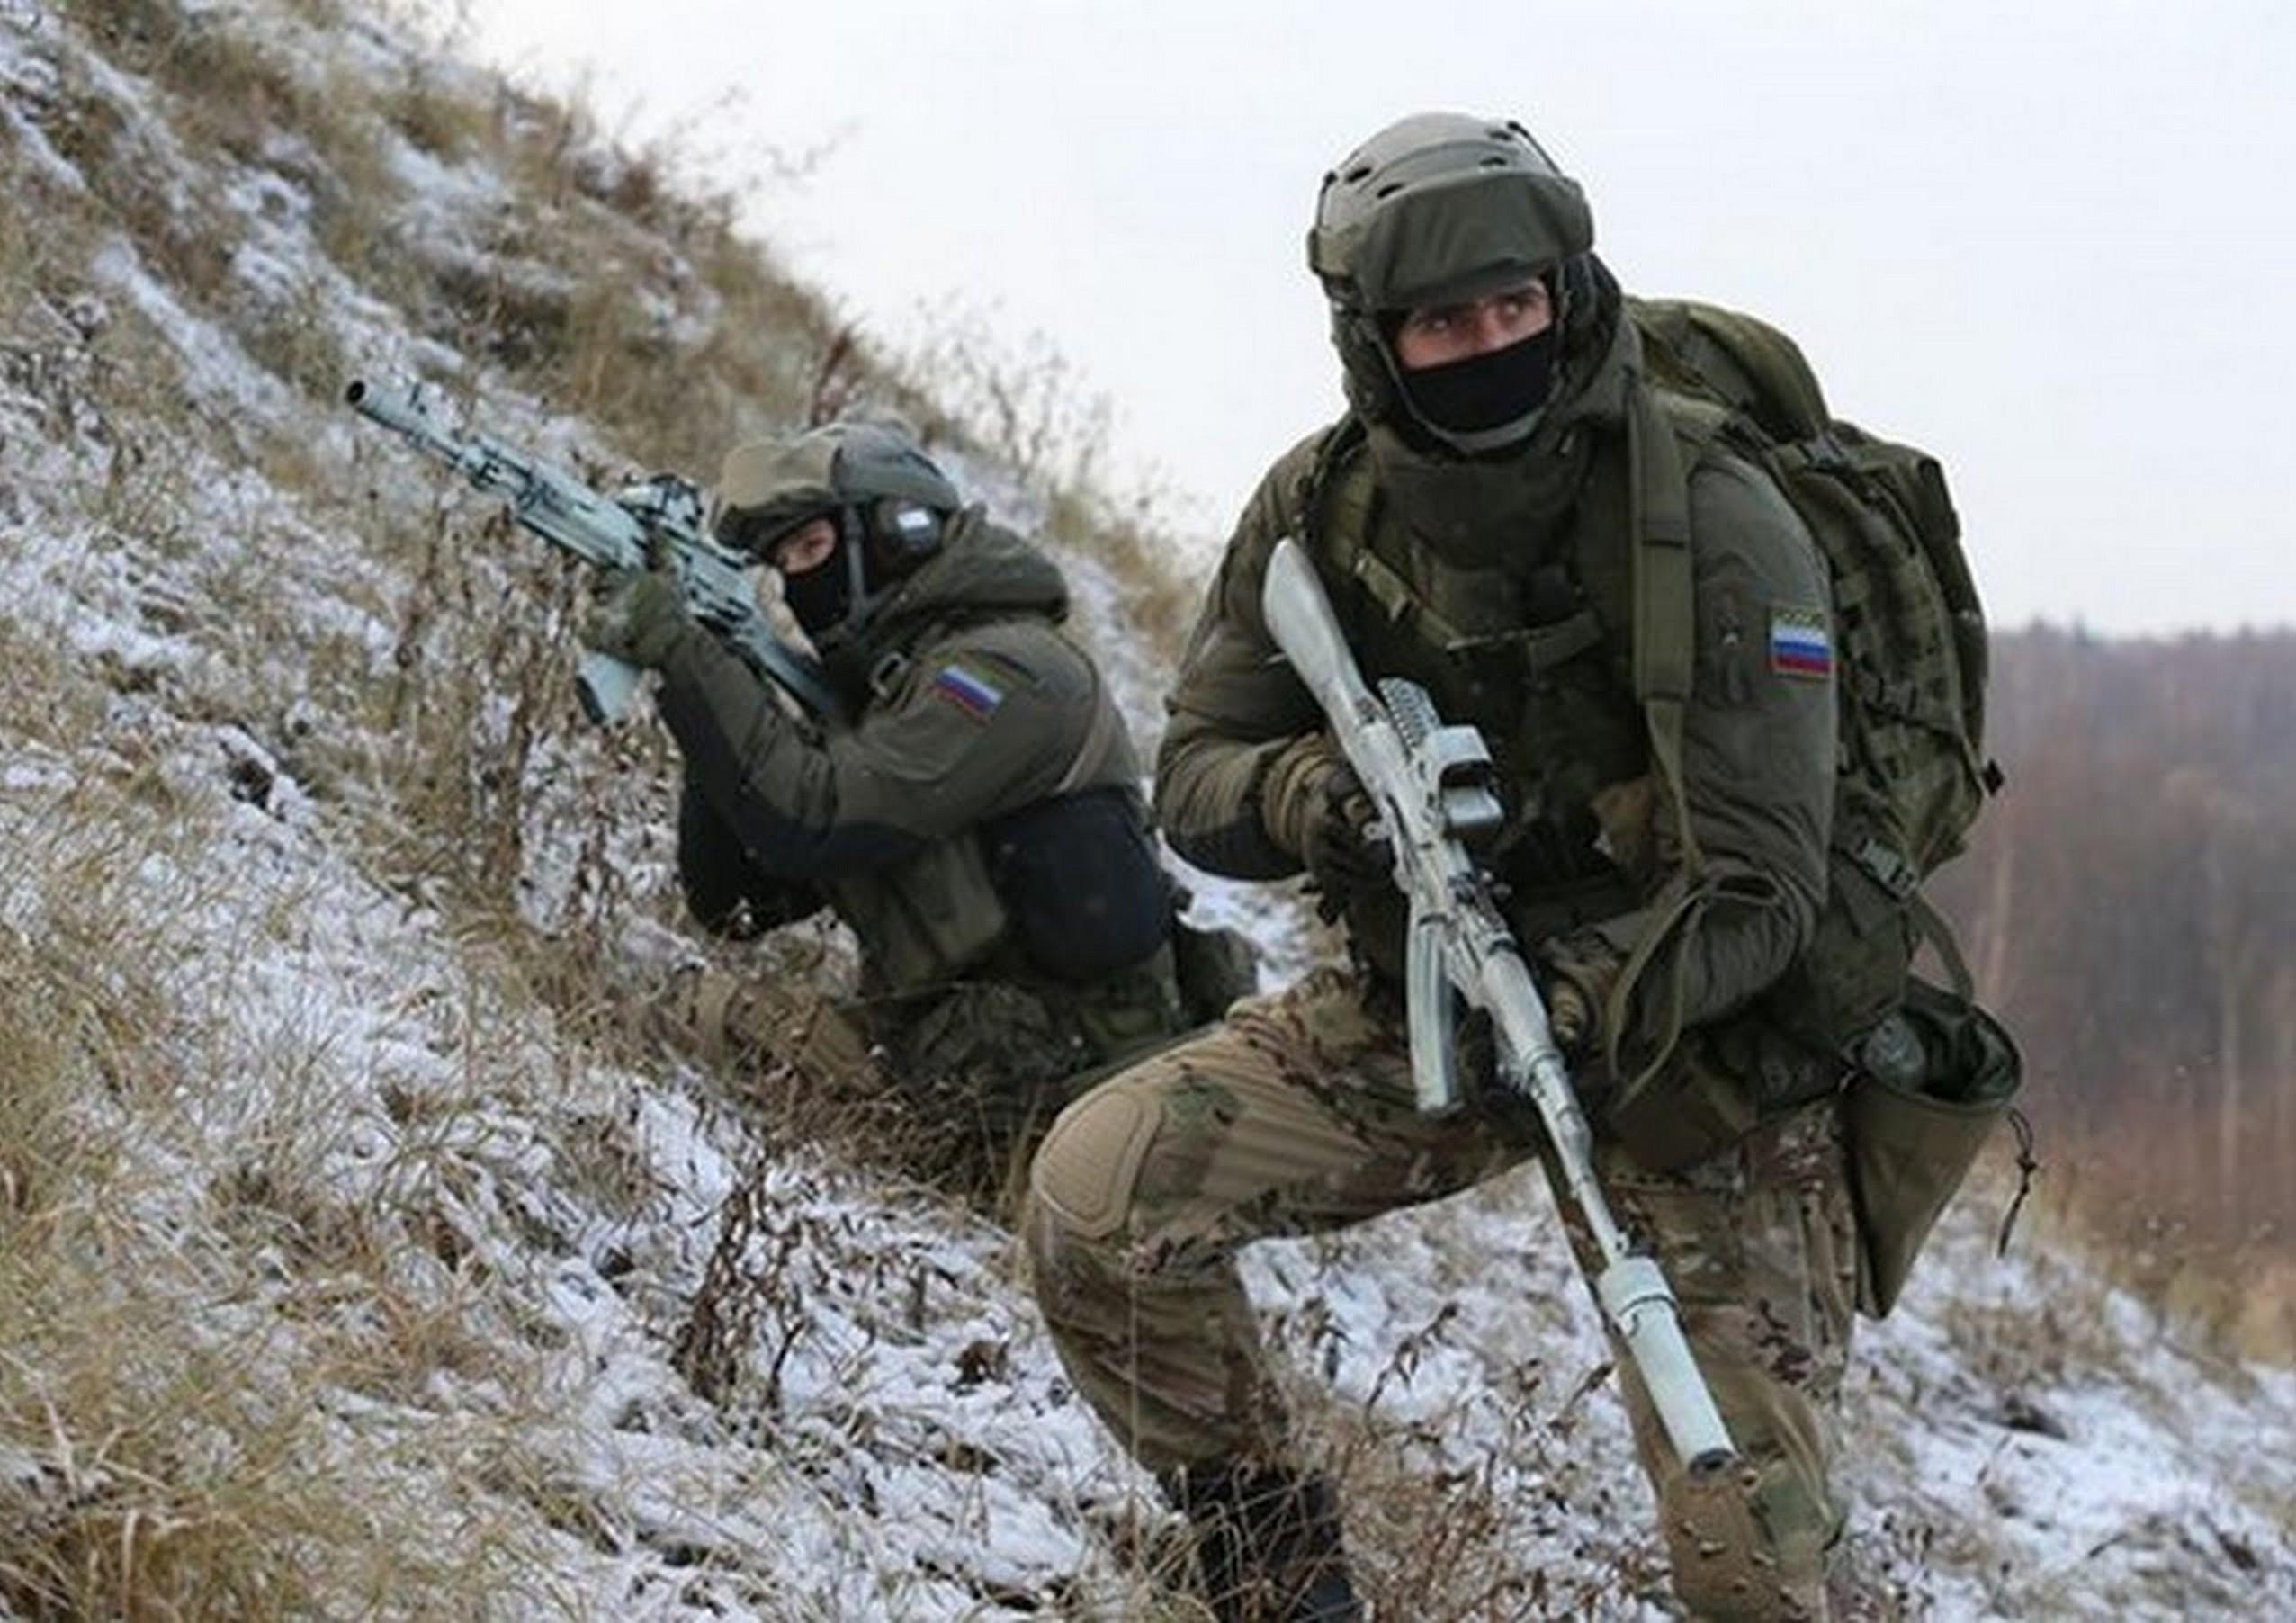 Fuerzas Especiales del mundo. Spetsnaz